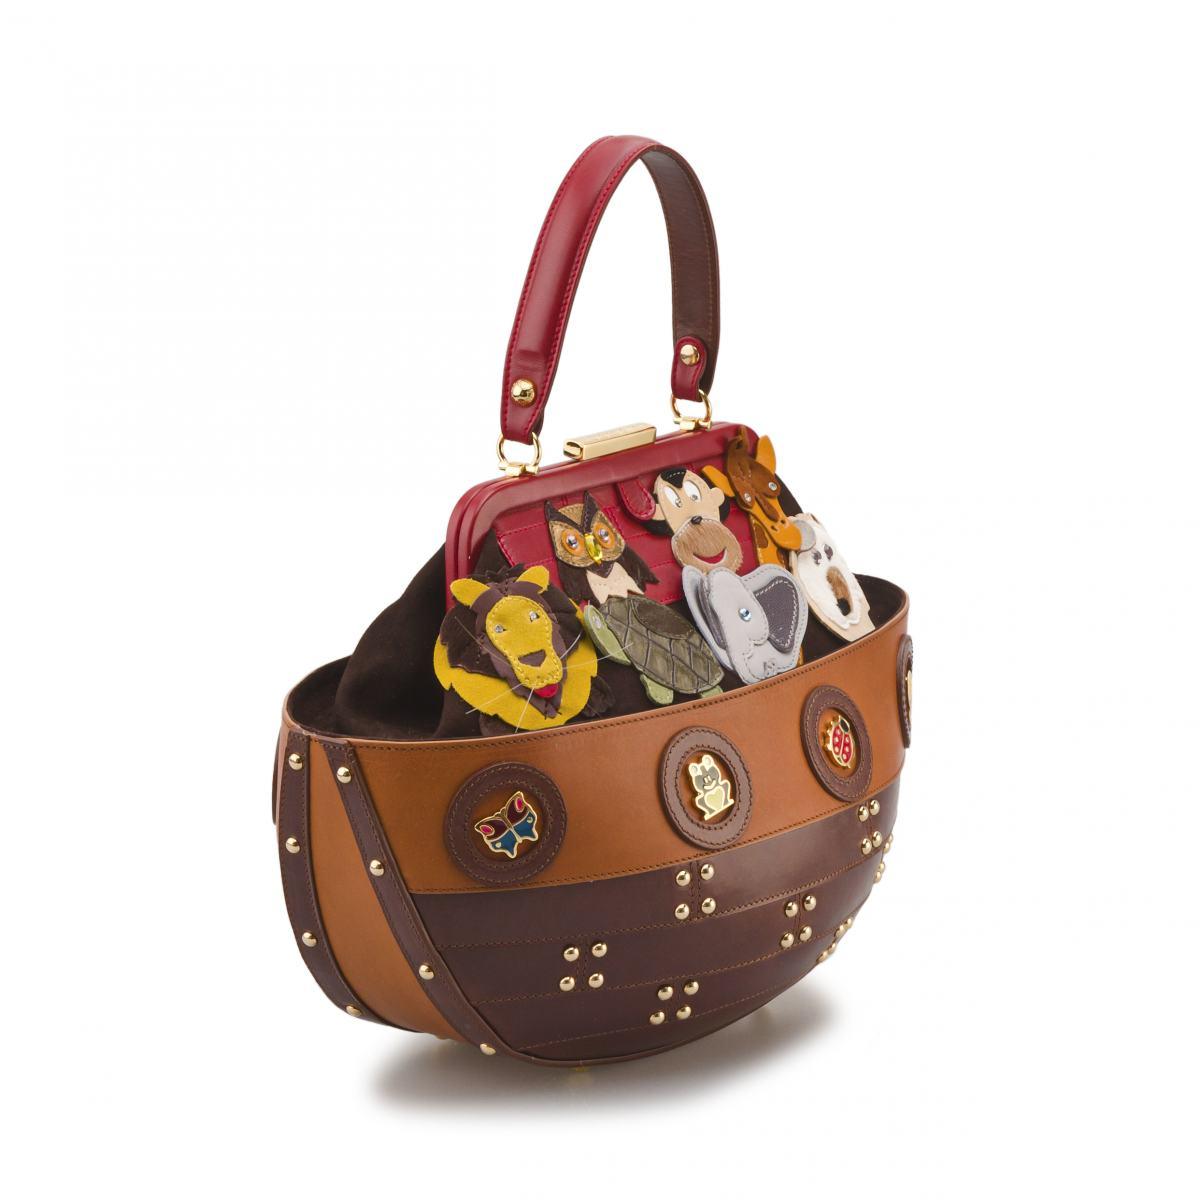 braccialini сумка купить интернет